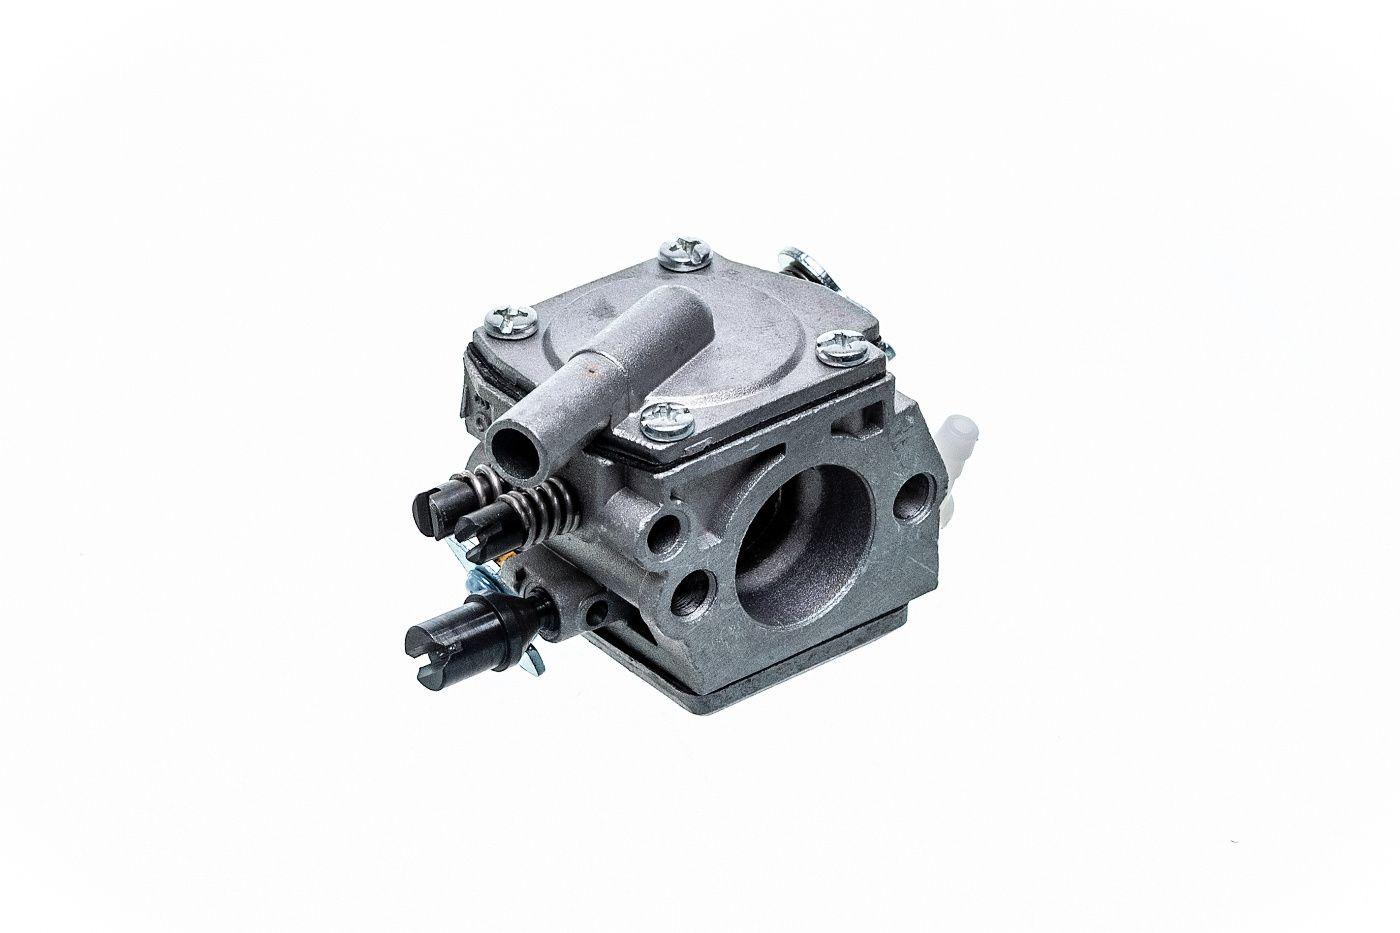 Karburátor Stihl MS380 MS381 038 C3-S148 (1119 120 0605)